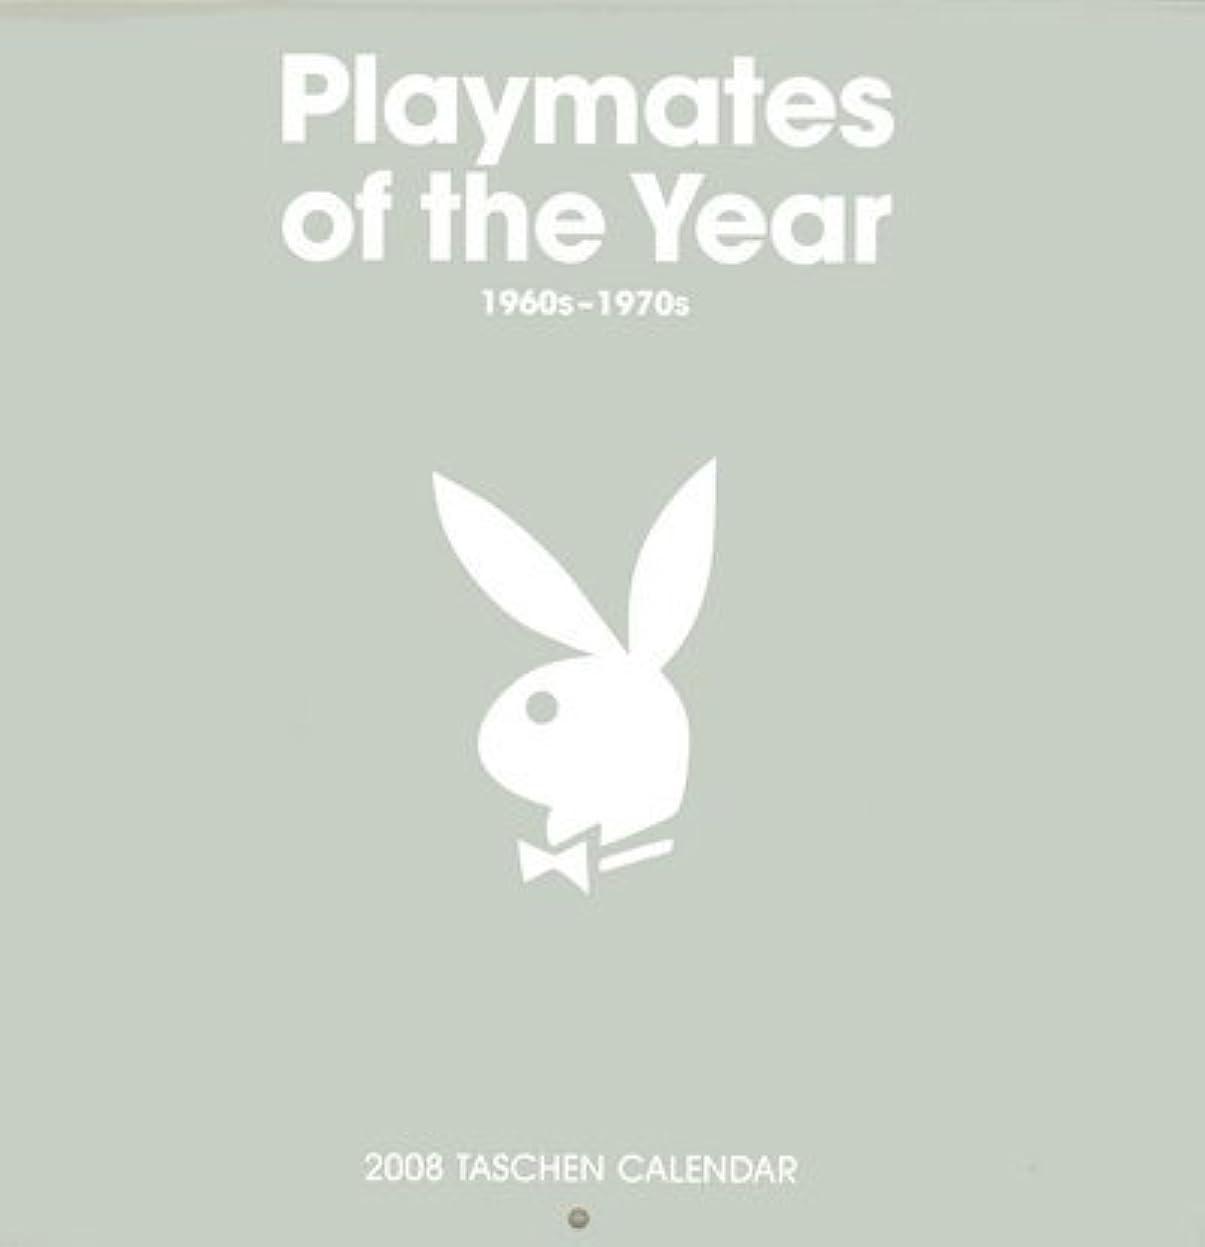 カセットアラブ人政治家のPlaymates of the Year 1960s-1970s 2008 Calendar